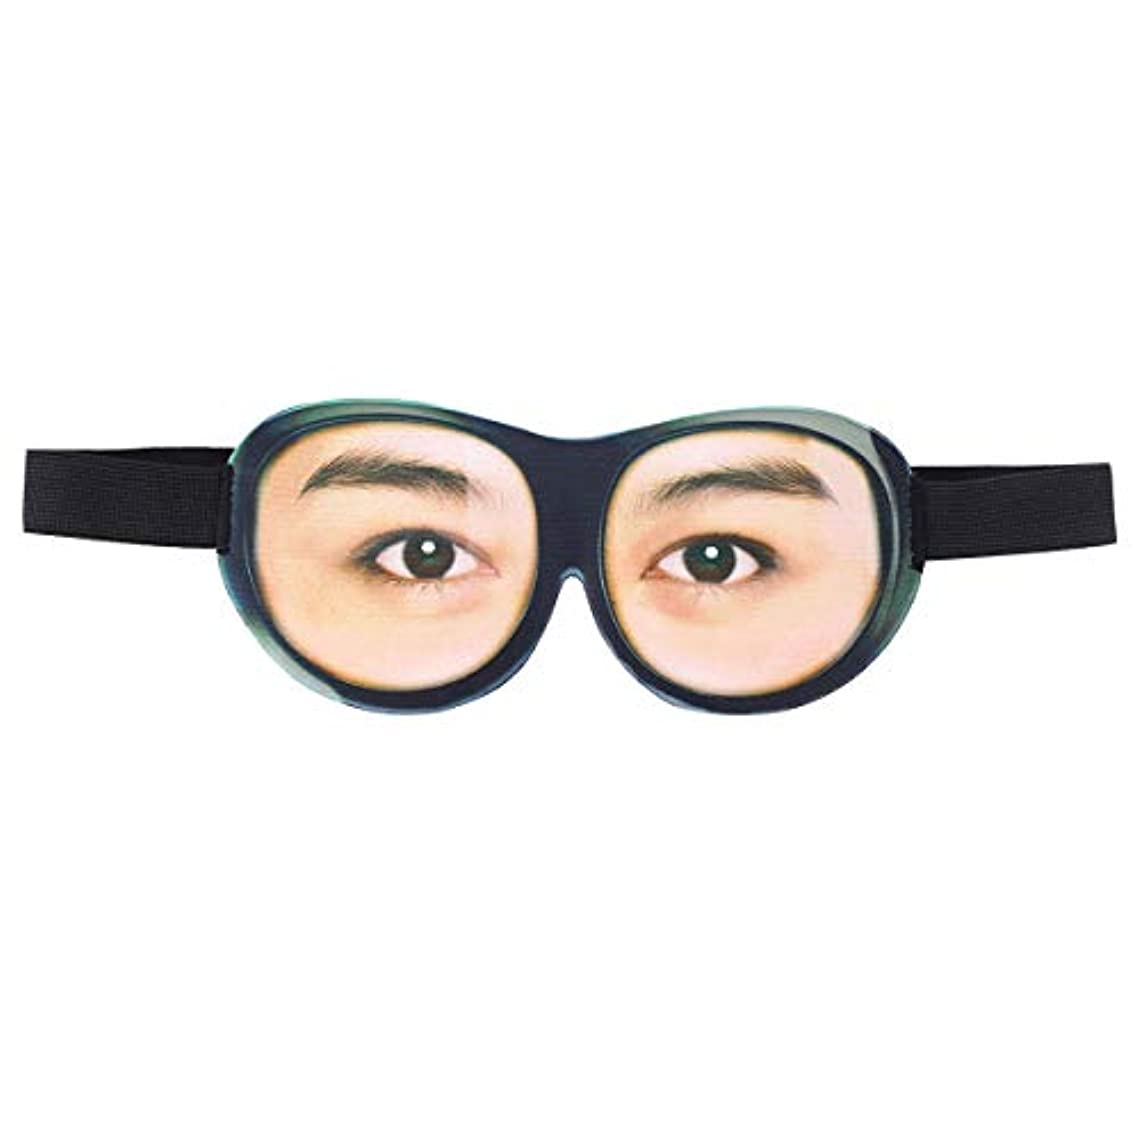 ユーモラス評判ワームHealifty 睡眠目隠し3D面白いアイシェード通気性睡眠マスク旅行睡眠ヘルパーアイシェード用男性と女性